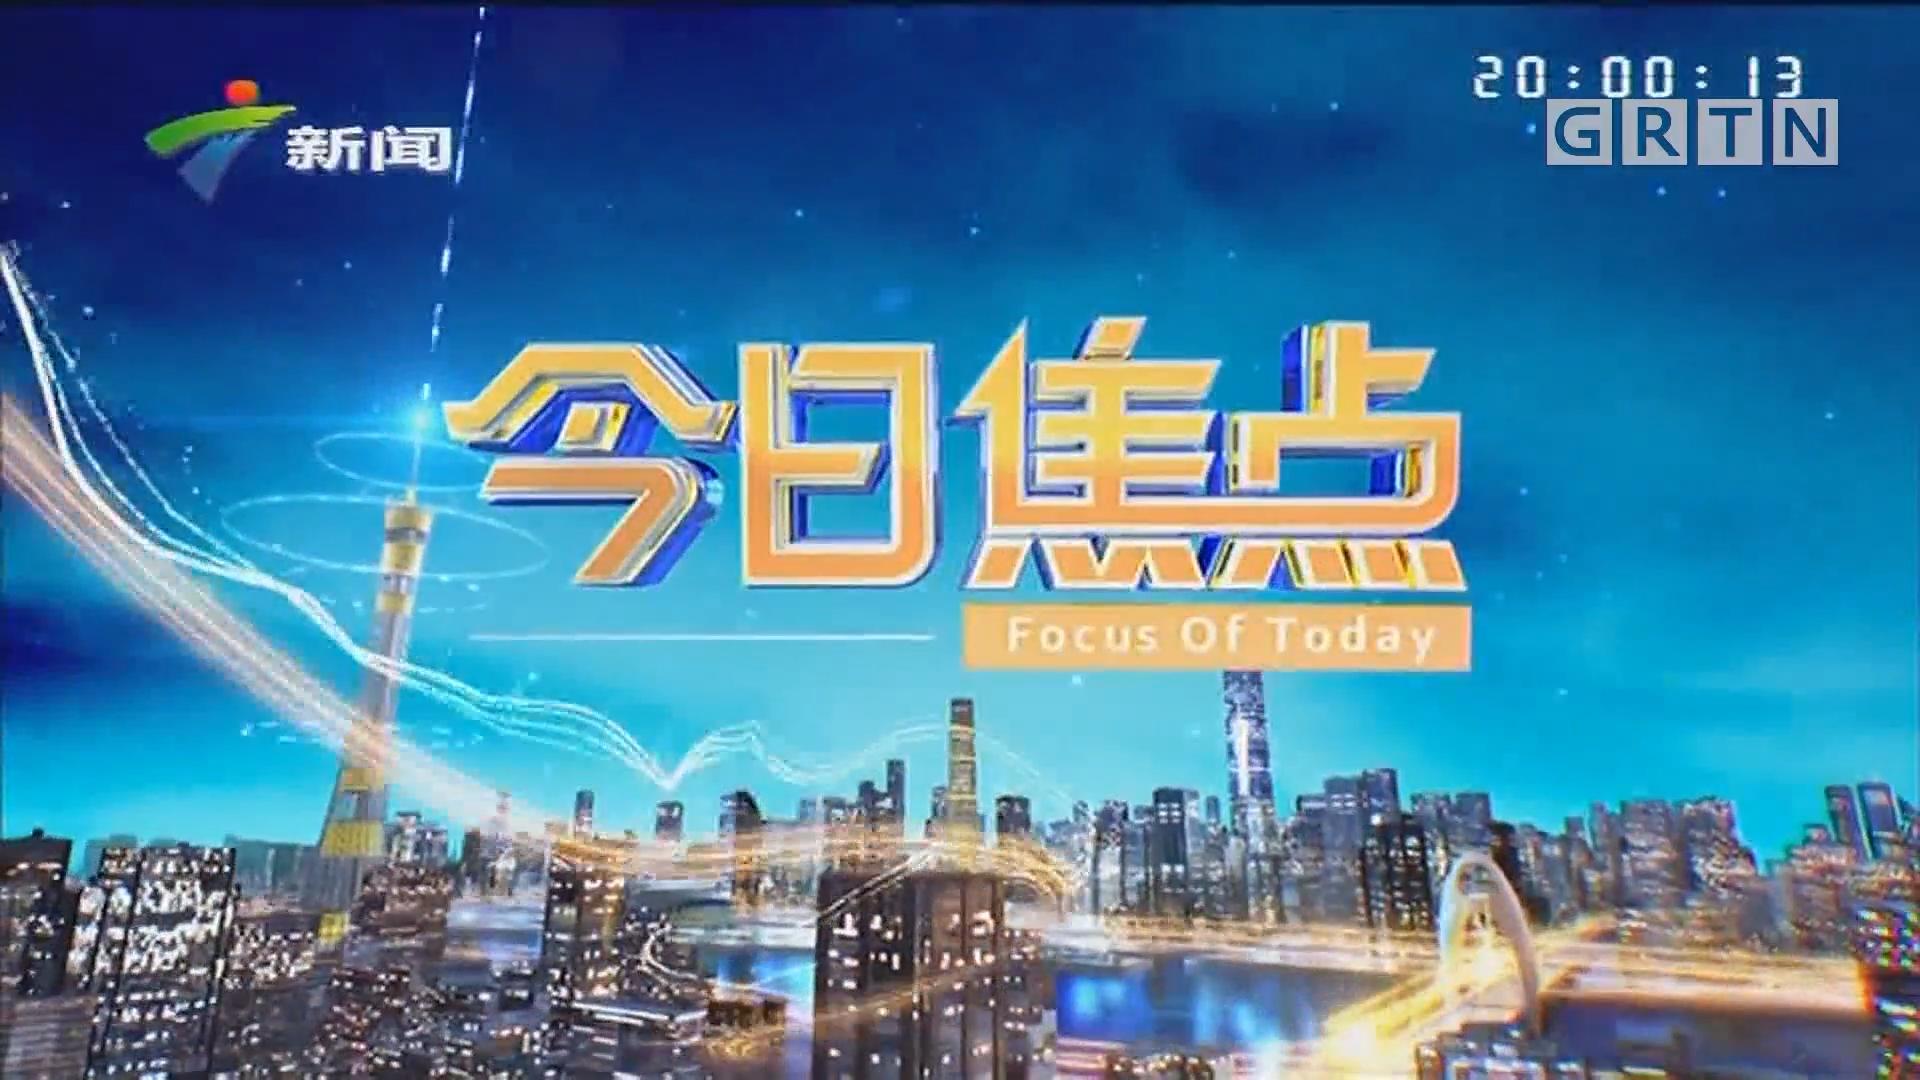 [HD][2019-06-28]今日焦點:深圳:粵港首條跨境直升機航線今日通航